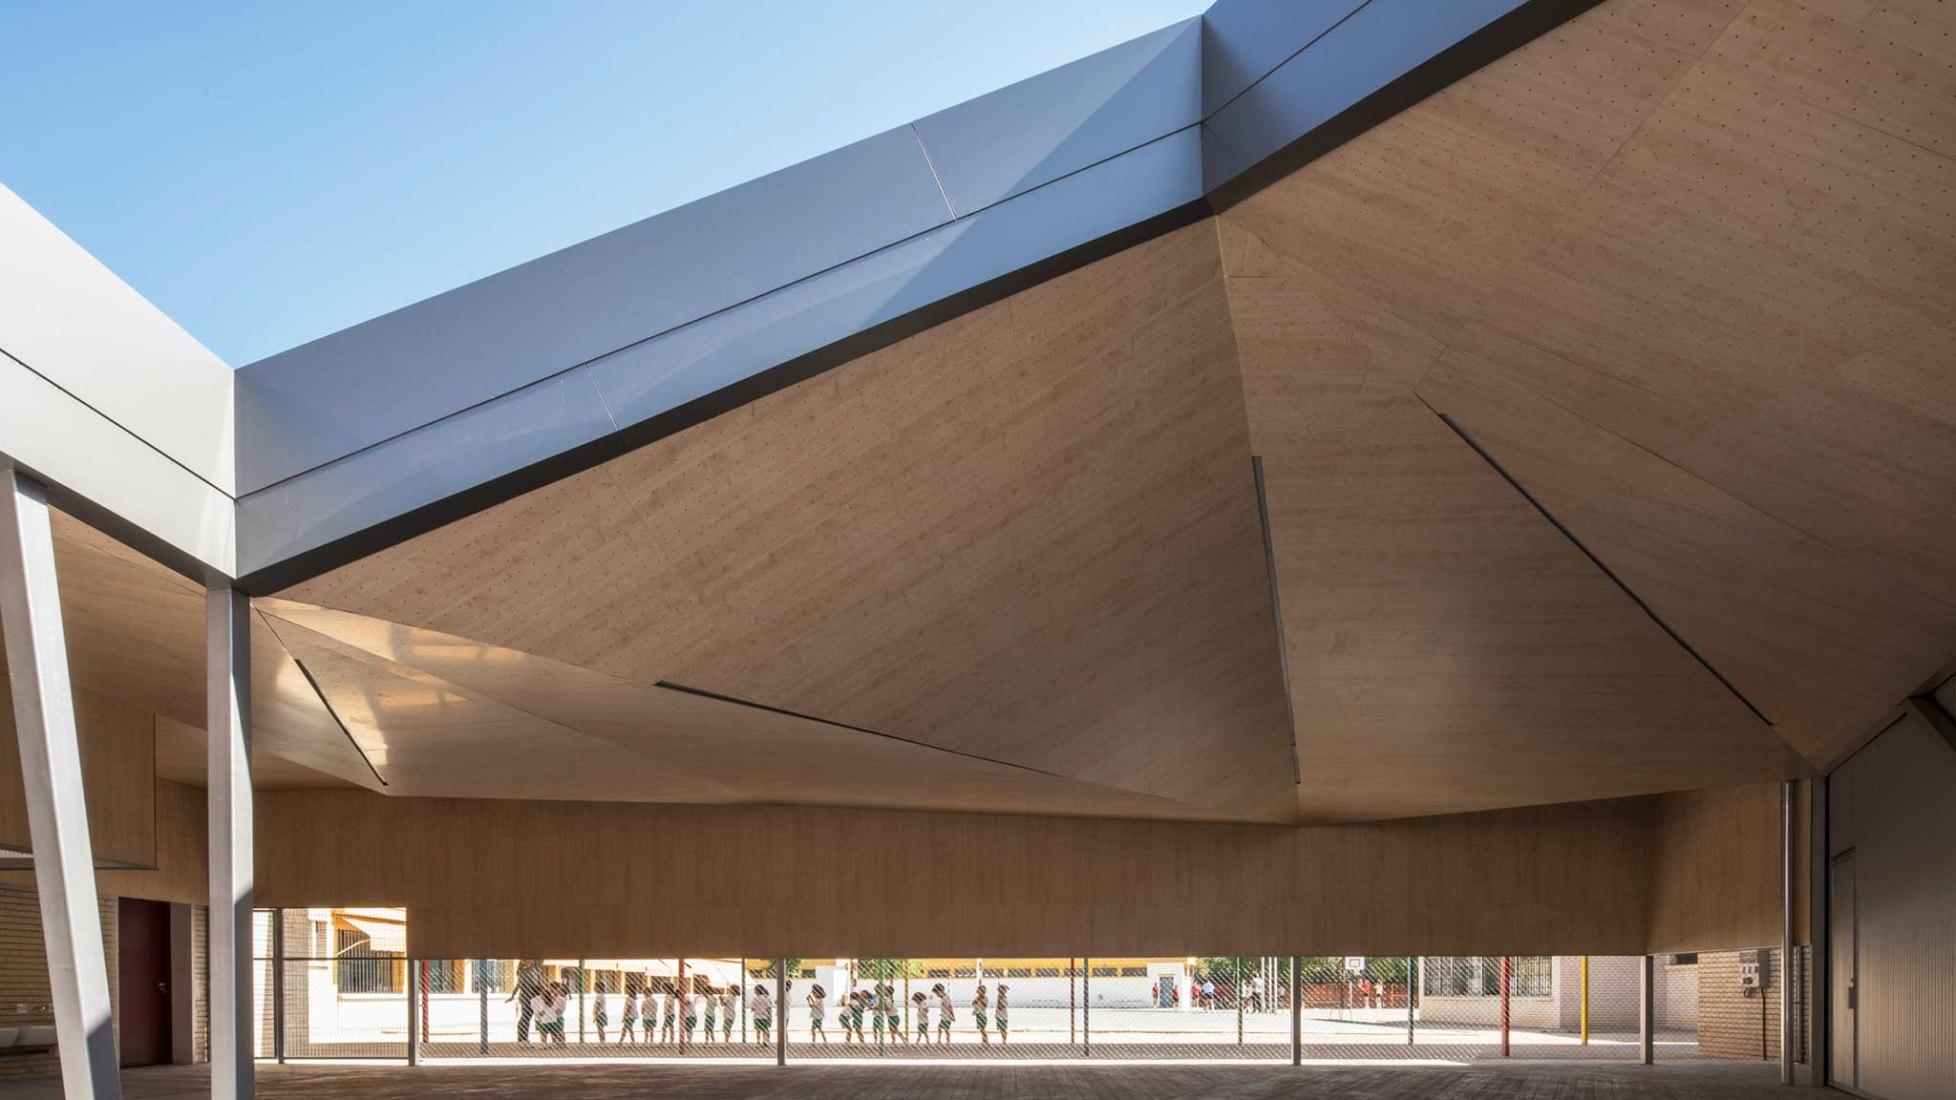 Escuela infantil BVMI por MGM Arquitectos. Fotografía por Jesús Granada